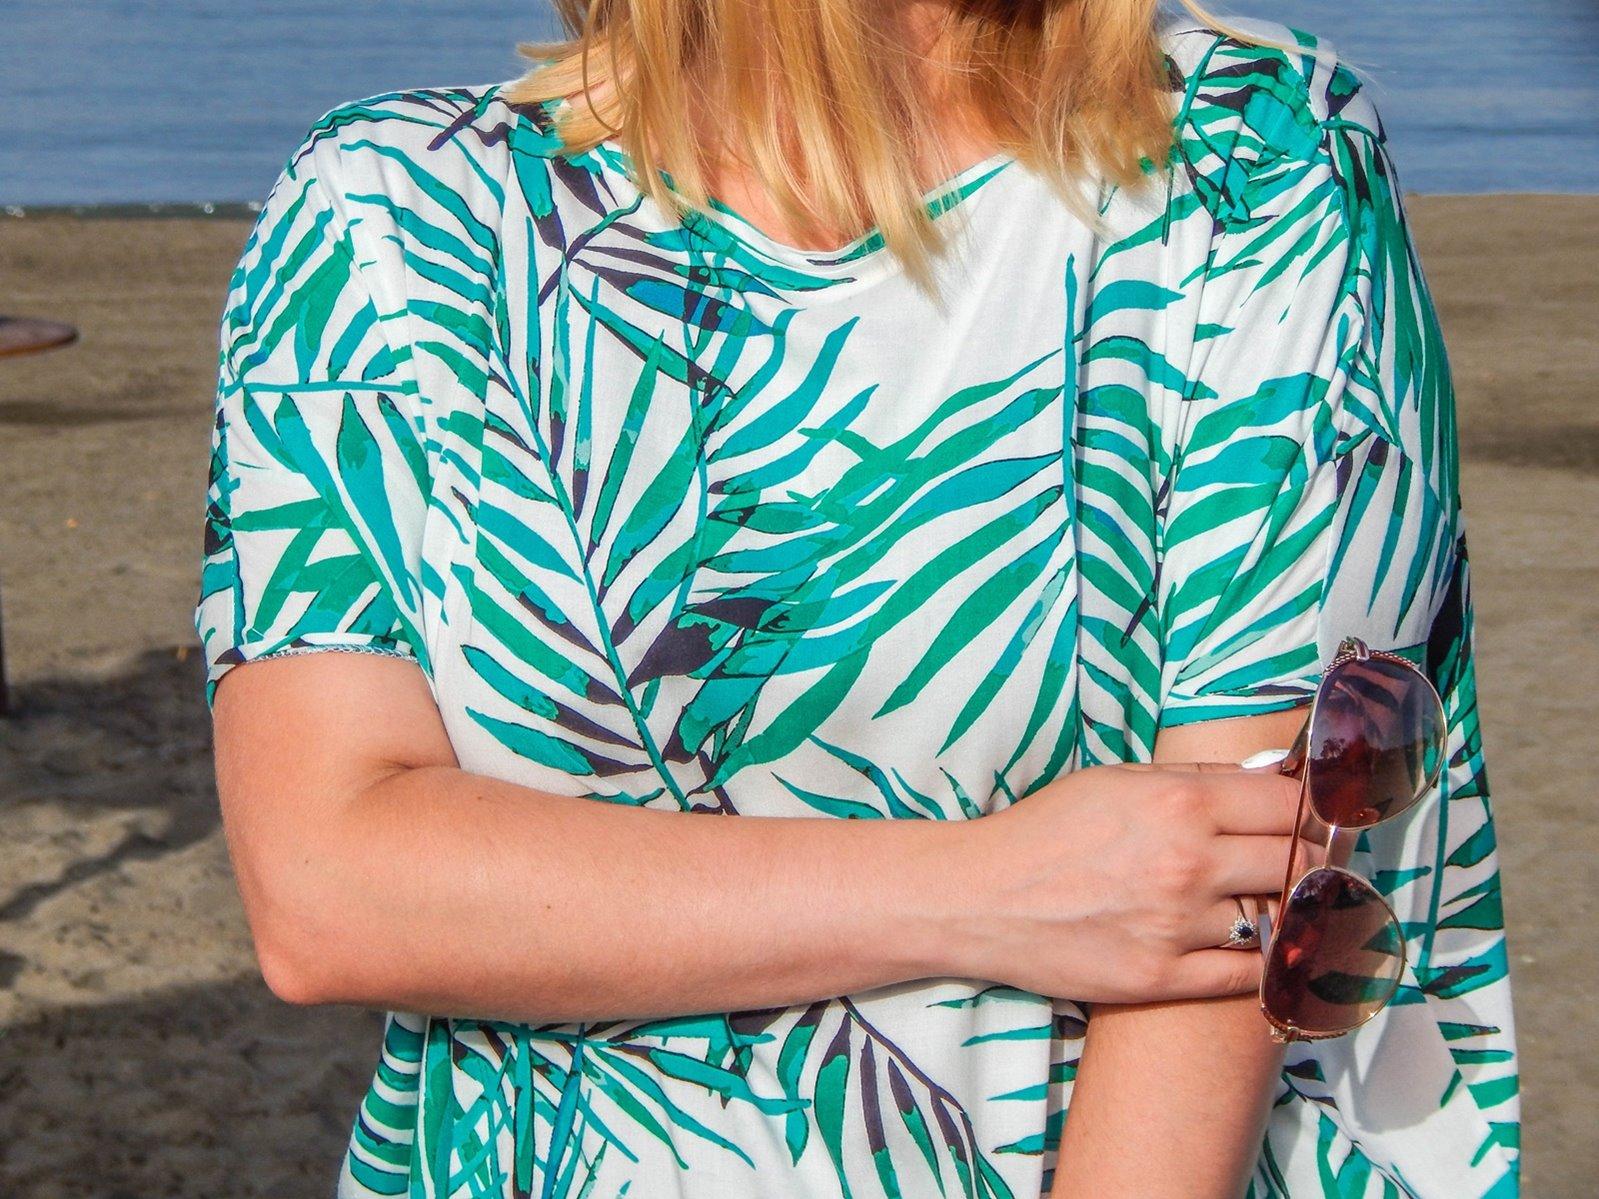 8 sukienka w palmy one mug a day palms fashion details polish blog polskie blogi modowe polska blogerka modowa melodylaniella łódź style fashion ootd posty uroda moda stylizacje lookbook jak sie ubrac na plaze